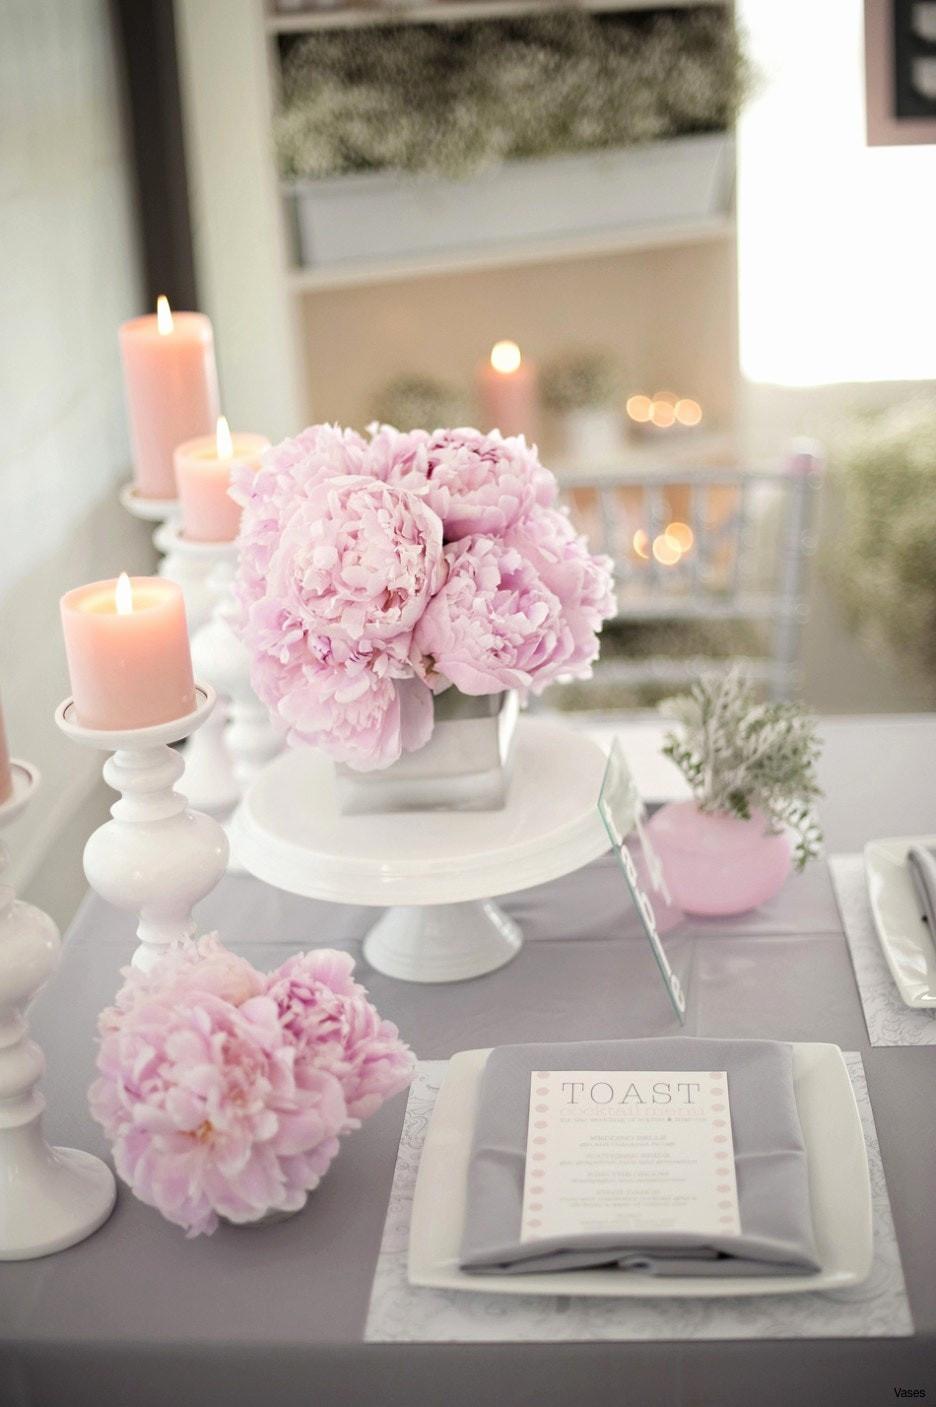 white vases bulk of wedding gold and pink lovely dsc h vases square centerpiece dsc i 0d within dsc h vases square centerpiece dsc i 0d cheap ideas with lovely bulk